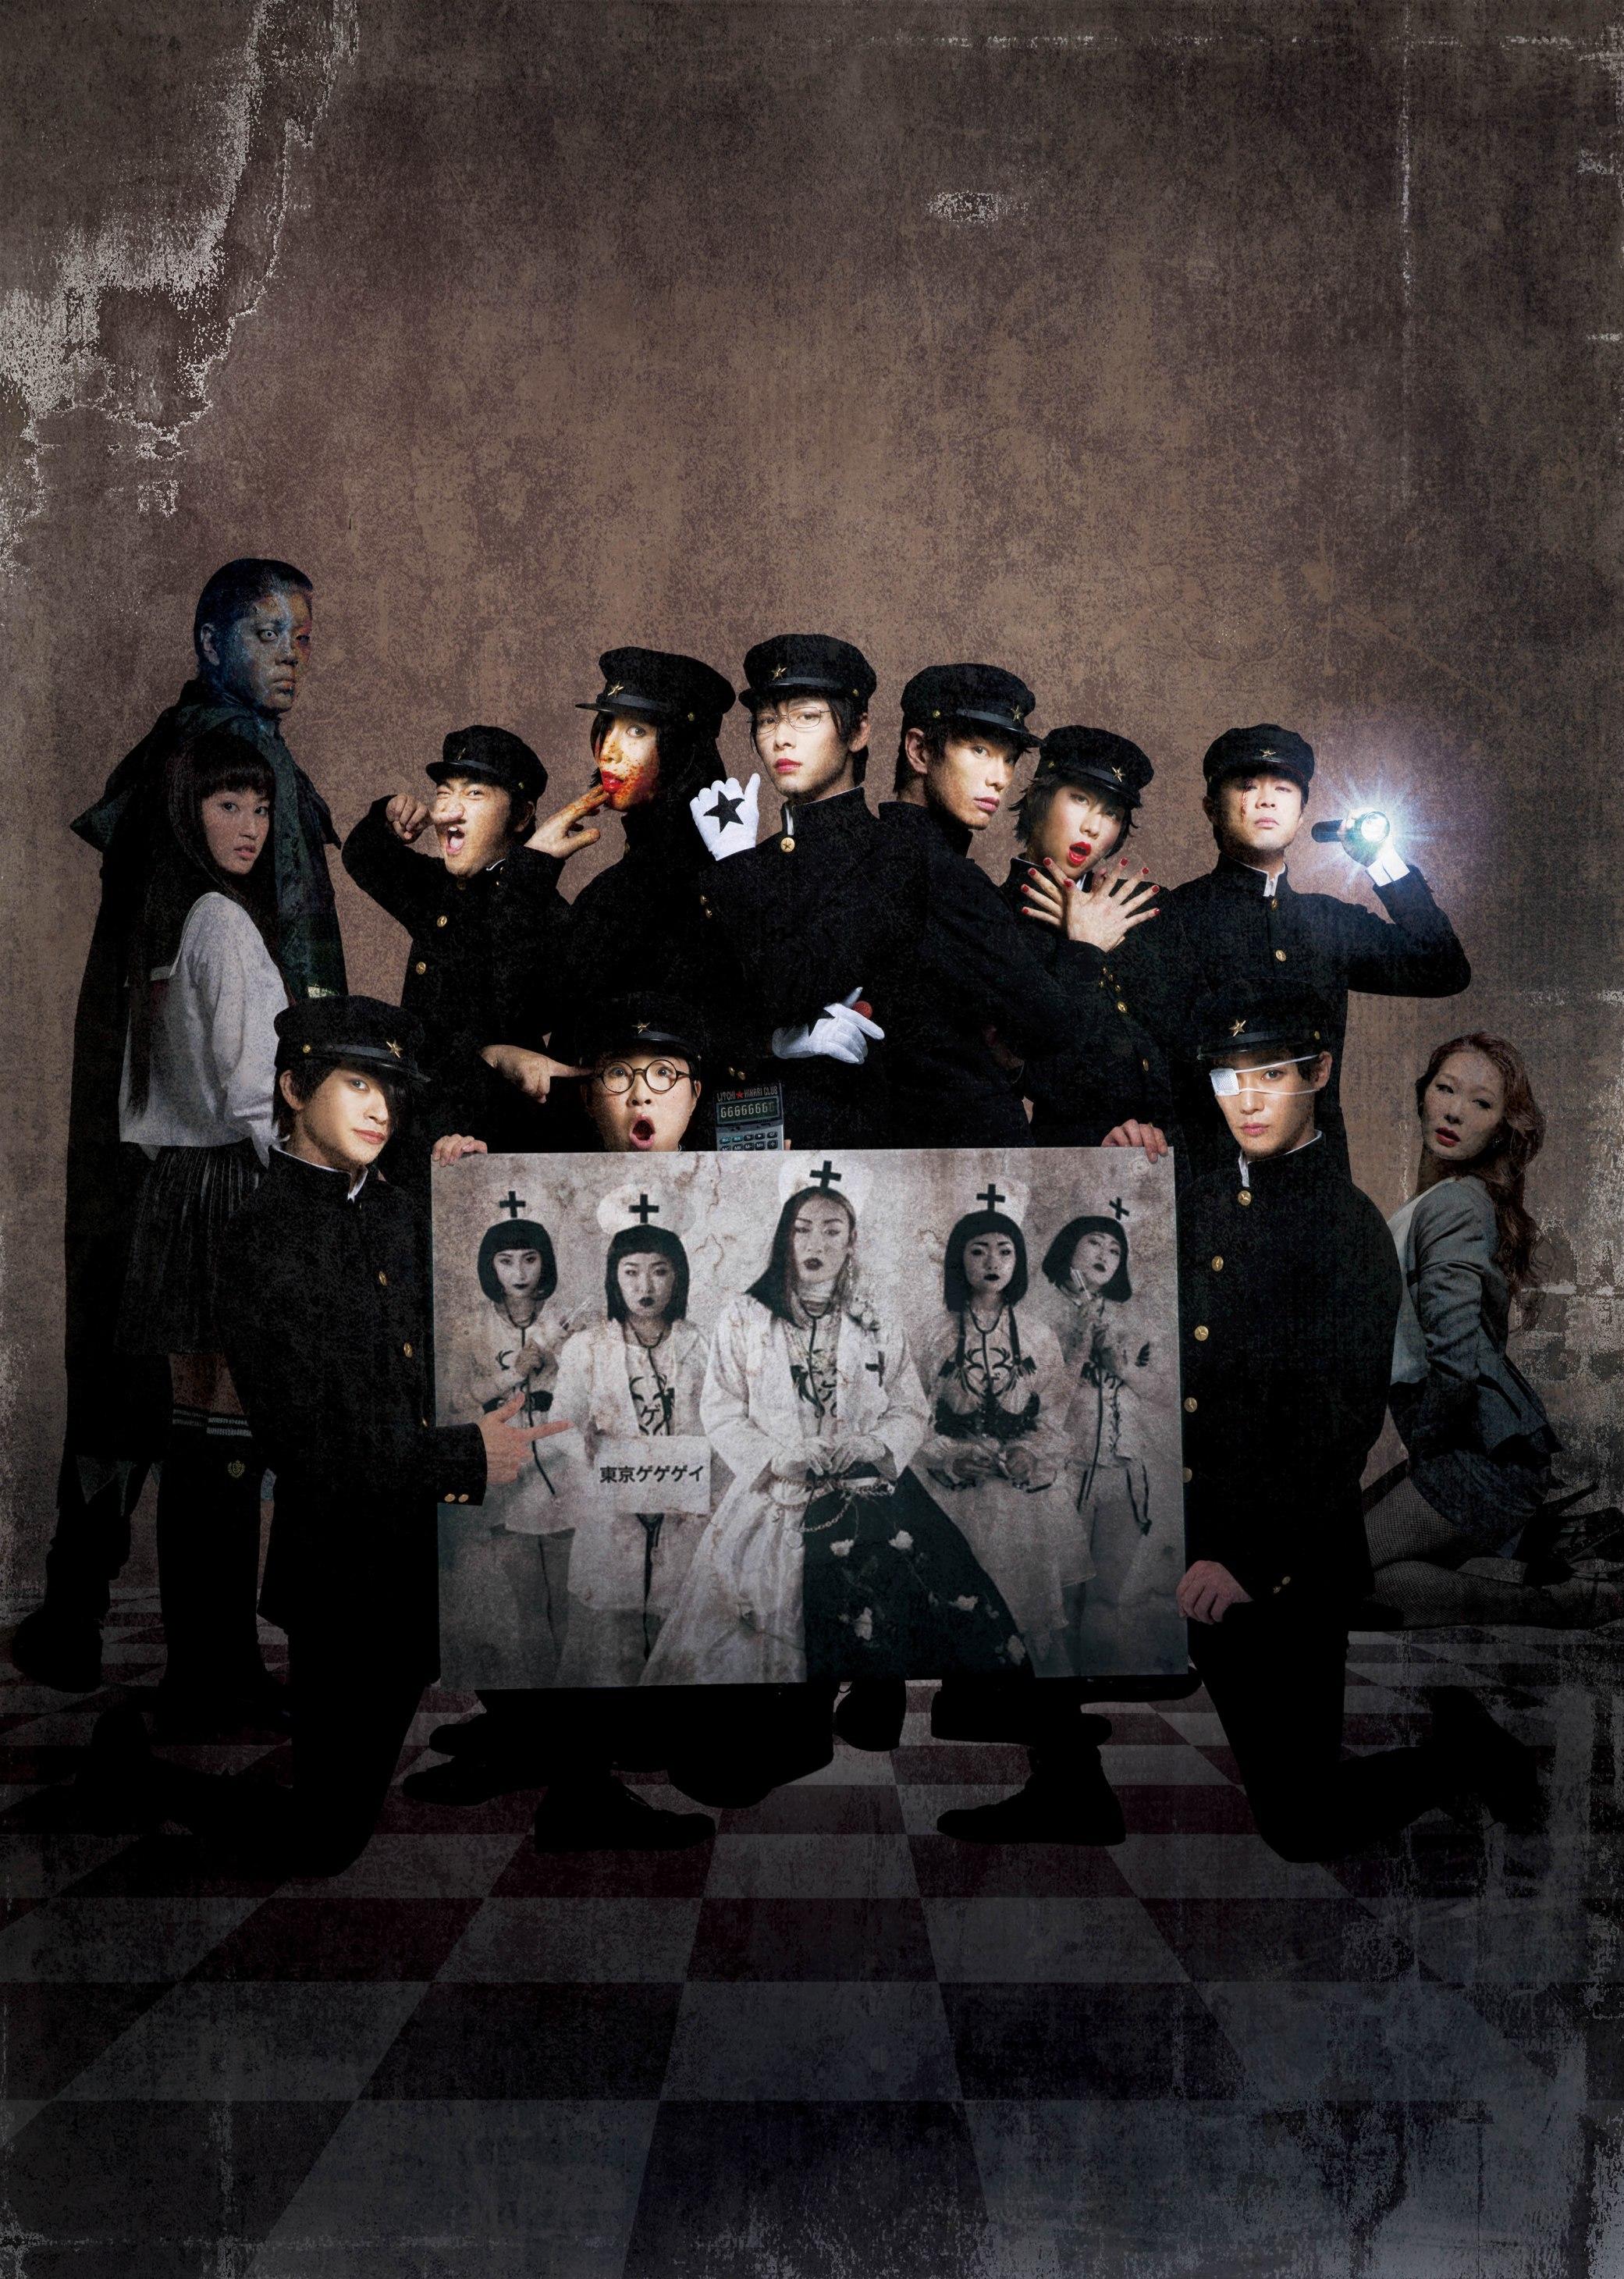 残酷歌劇「ライチ☆光クラブ」 (c)古屋兎丸/ライチ☆光クラブ プロジェクト 2015